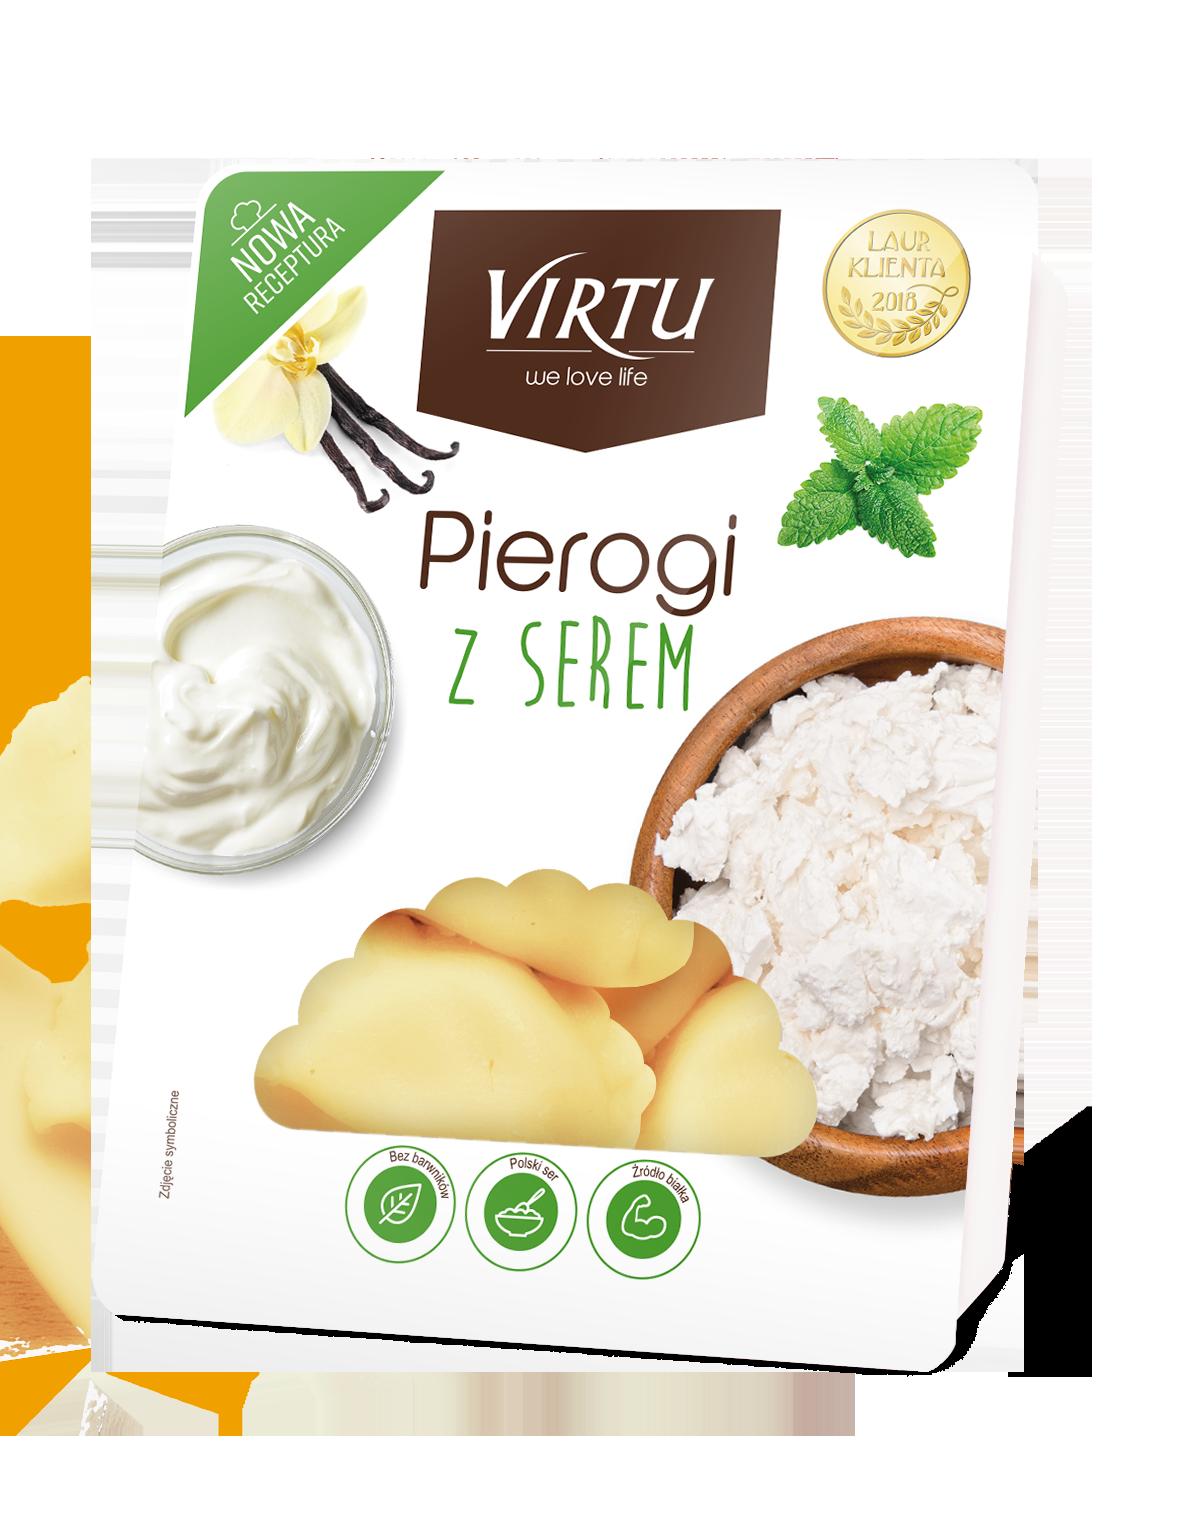 Virtu Pierogi polnische Maultaschen mit Quark 400g